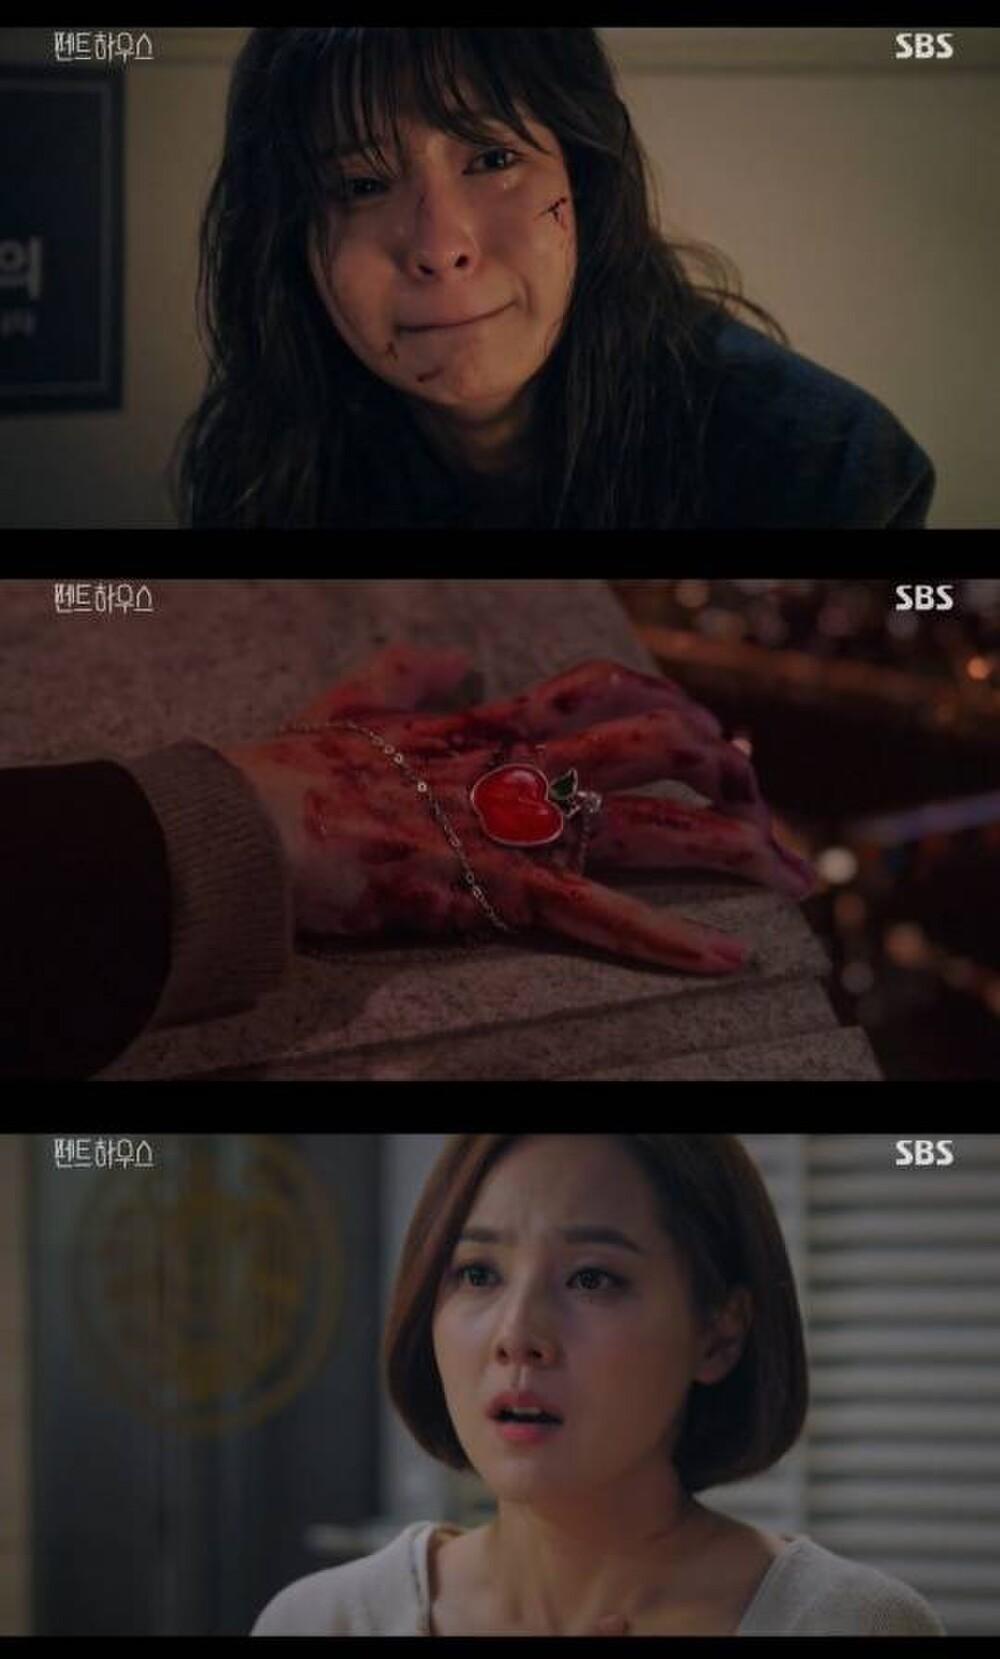 'Penthouse' tập 16: Mẹ Rona chính là hung thủ giết Min Seol Ah - màn trả thù điên cuồng sắp diễn ra! Ảnh 4